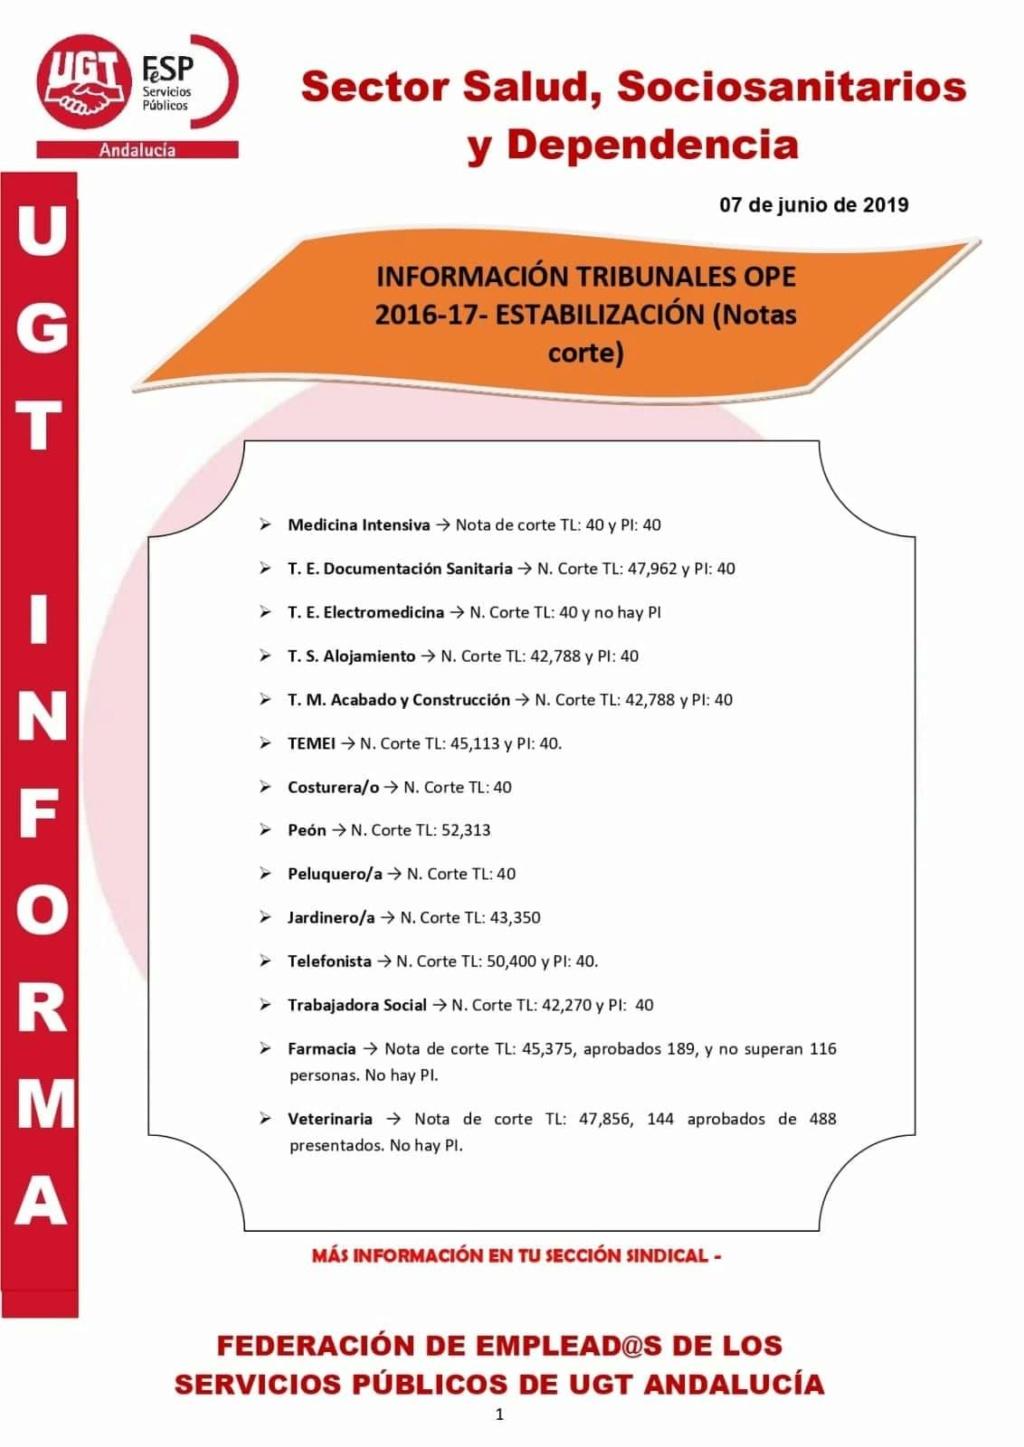 Examen TEMEII 28 de Octubre - Página 4 Receiv10